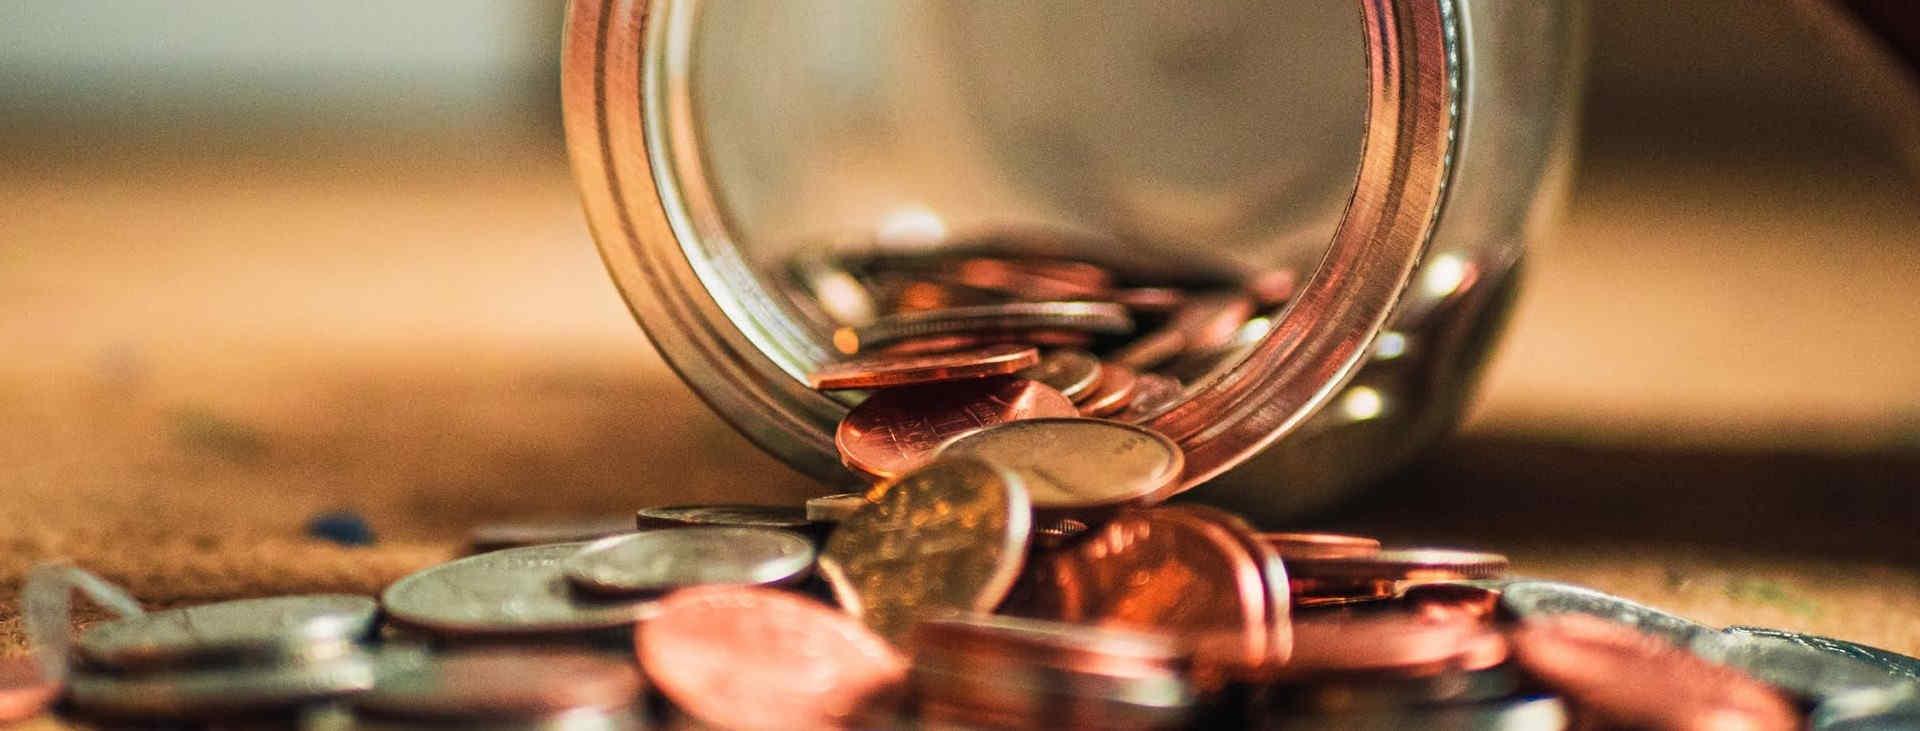 kleingeld in een pot